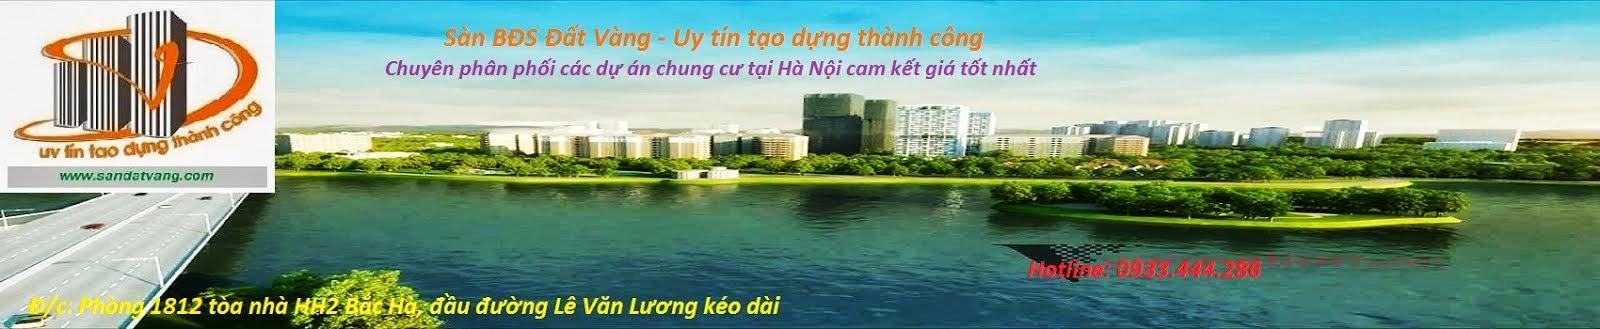 Phân phối chung cư Hà Nội